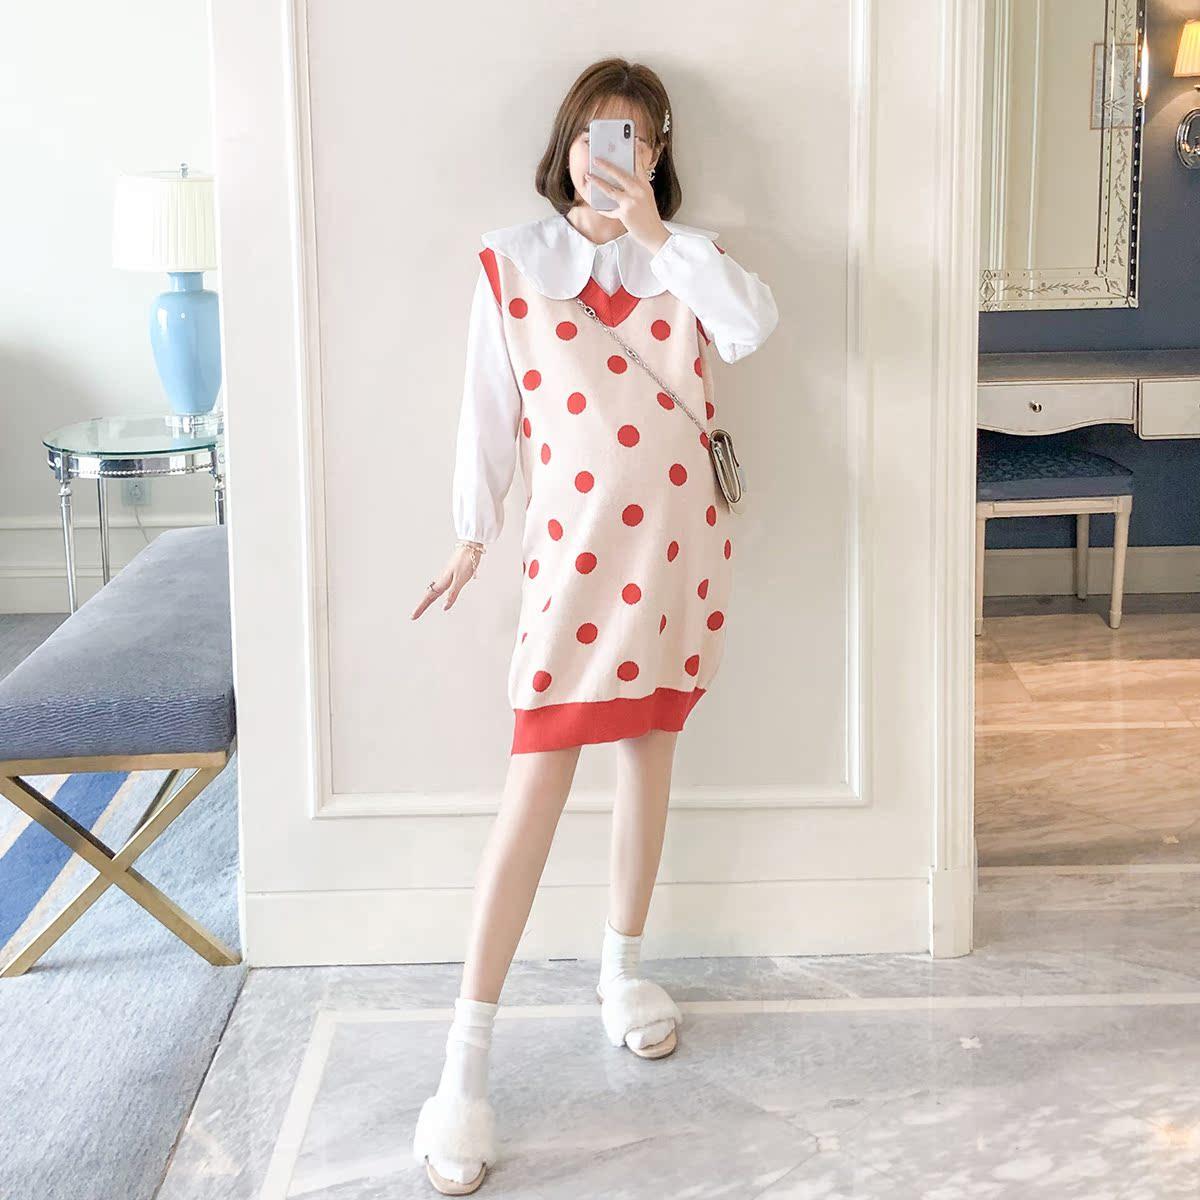 11-06新券孕妇装2019秋装新款时尚套装娃娃衬衫针织背心裙网红款两件套秋款